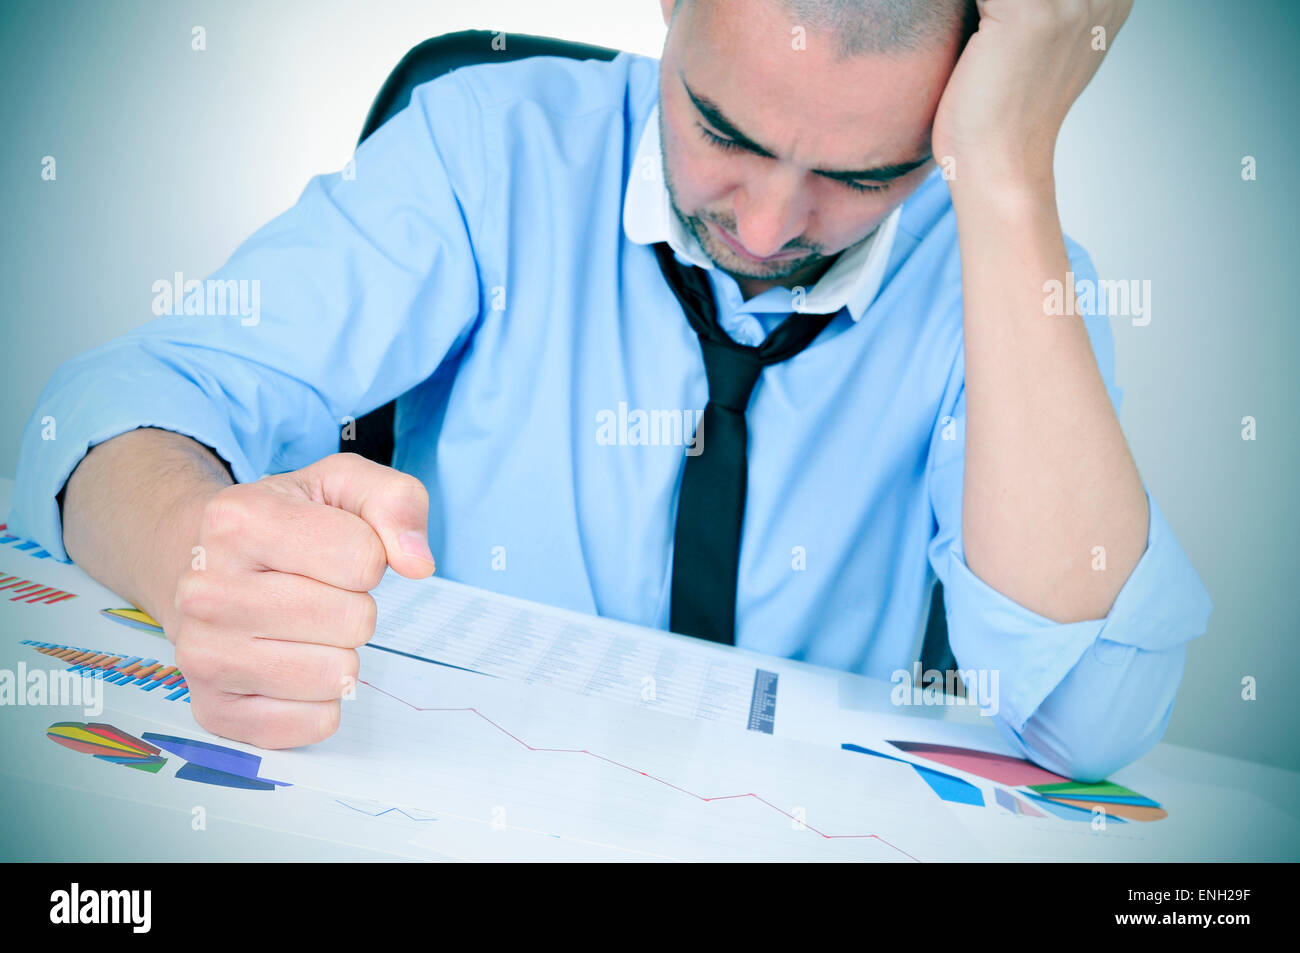 Un giovane imprenditore caucasica nel suo ufficio pieno di grafici e diagrammi osservando preoccupato un grafico Immagini Stock